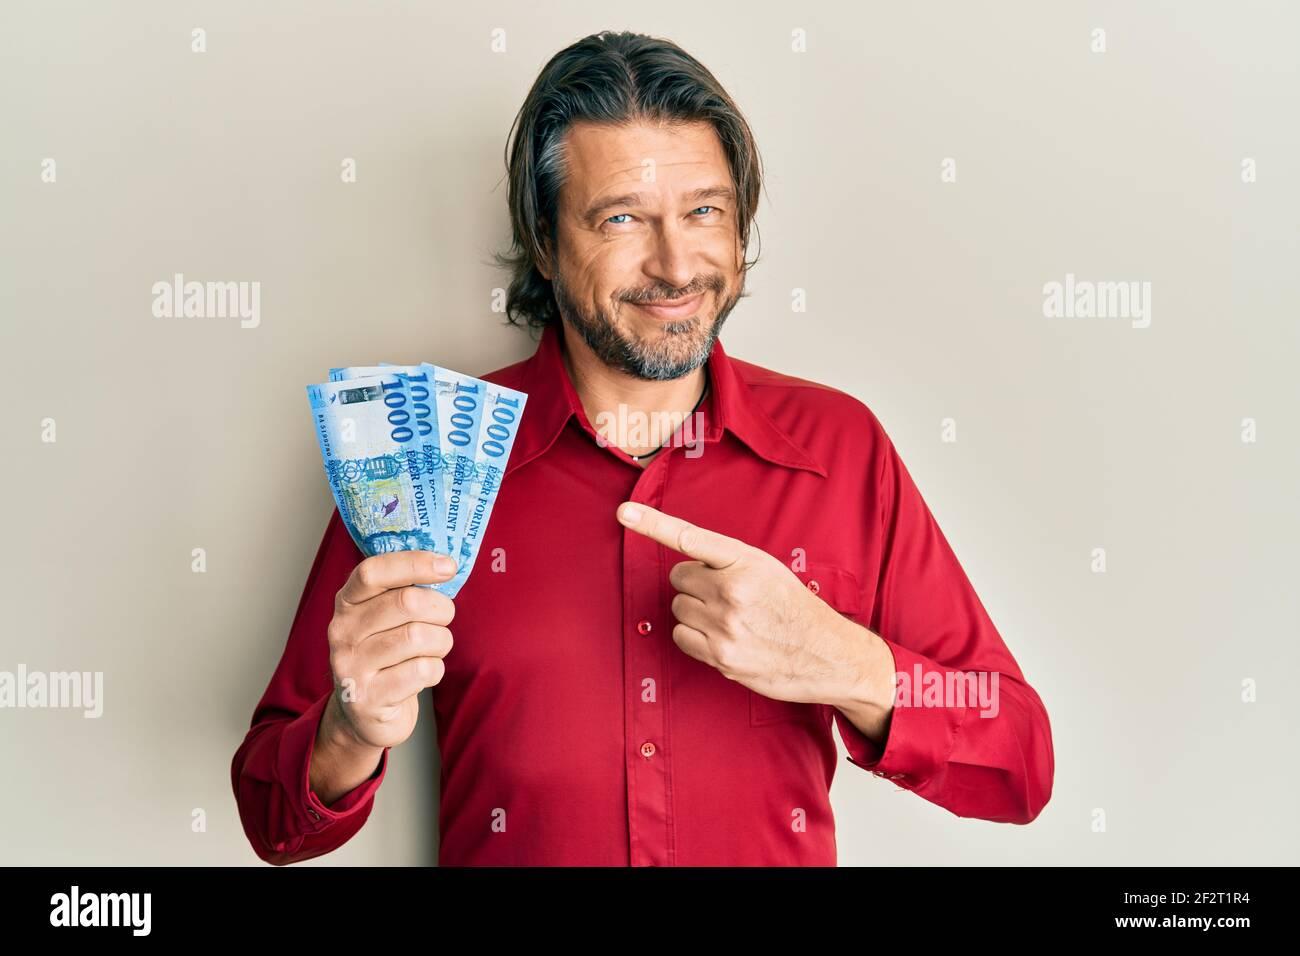 Hombre guapo de mediana edad con 1000 billetes de forint húngaros sonriendo feliz señalar con la mano y el dedo Foto de stock